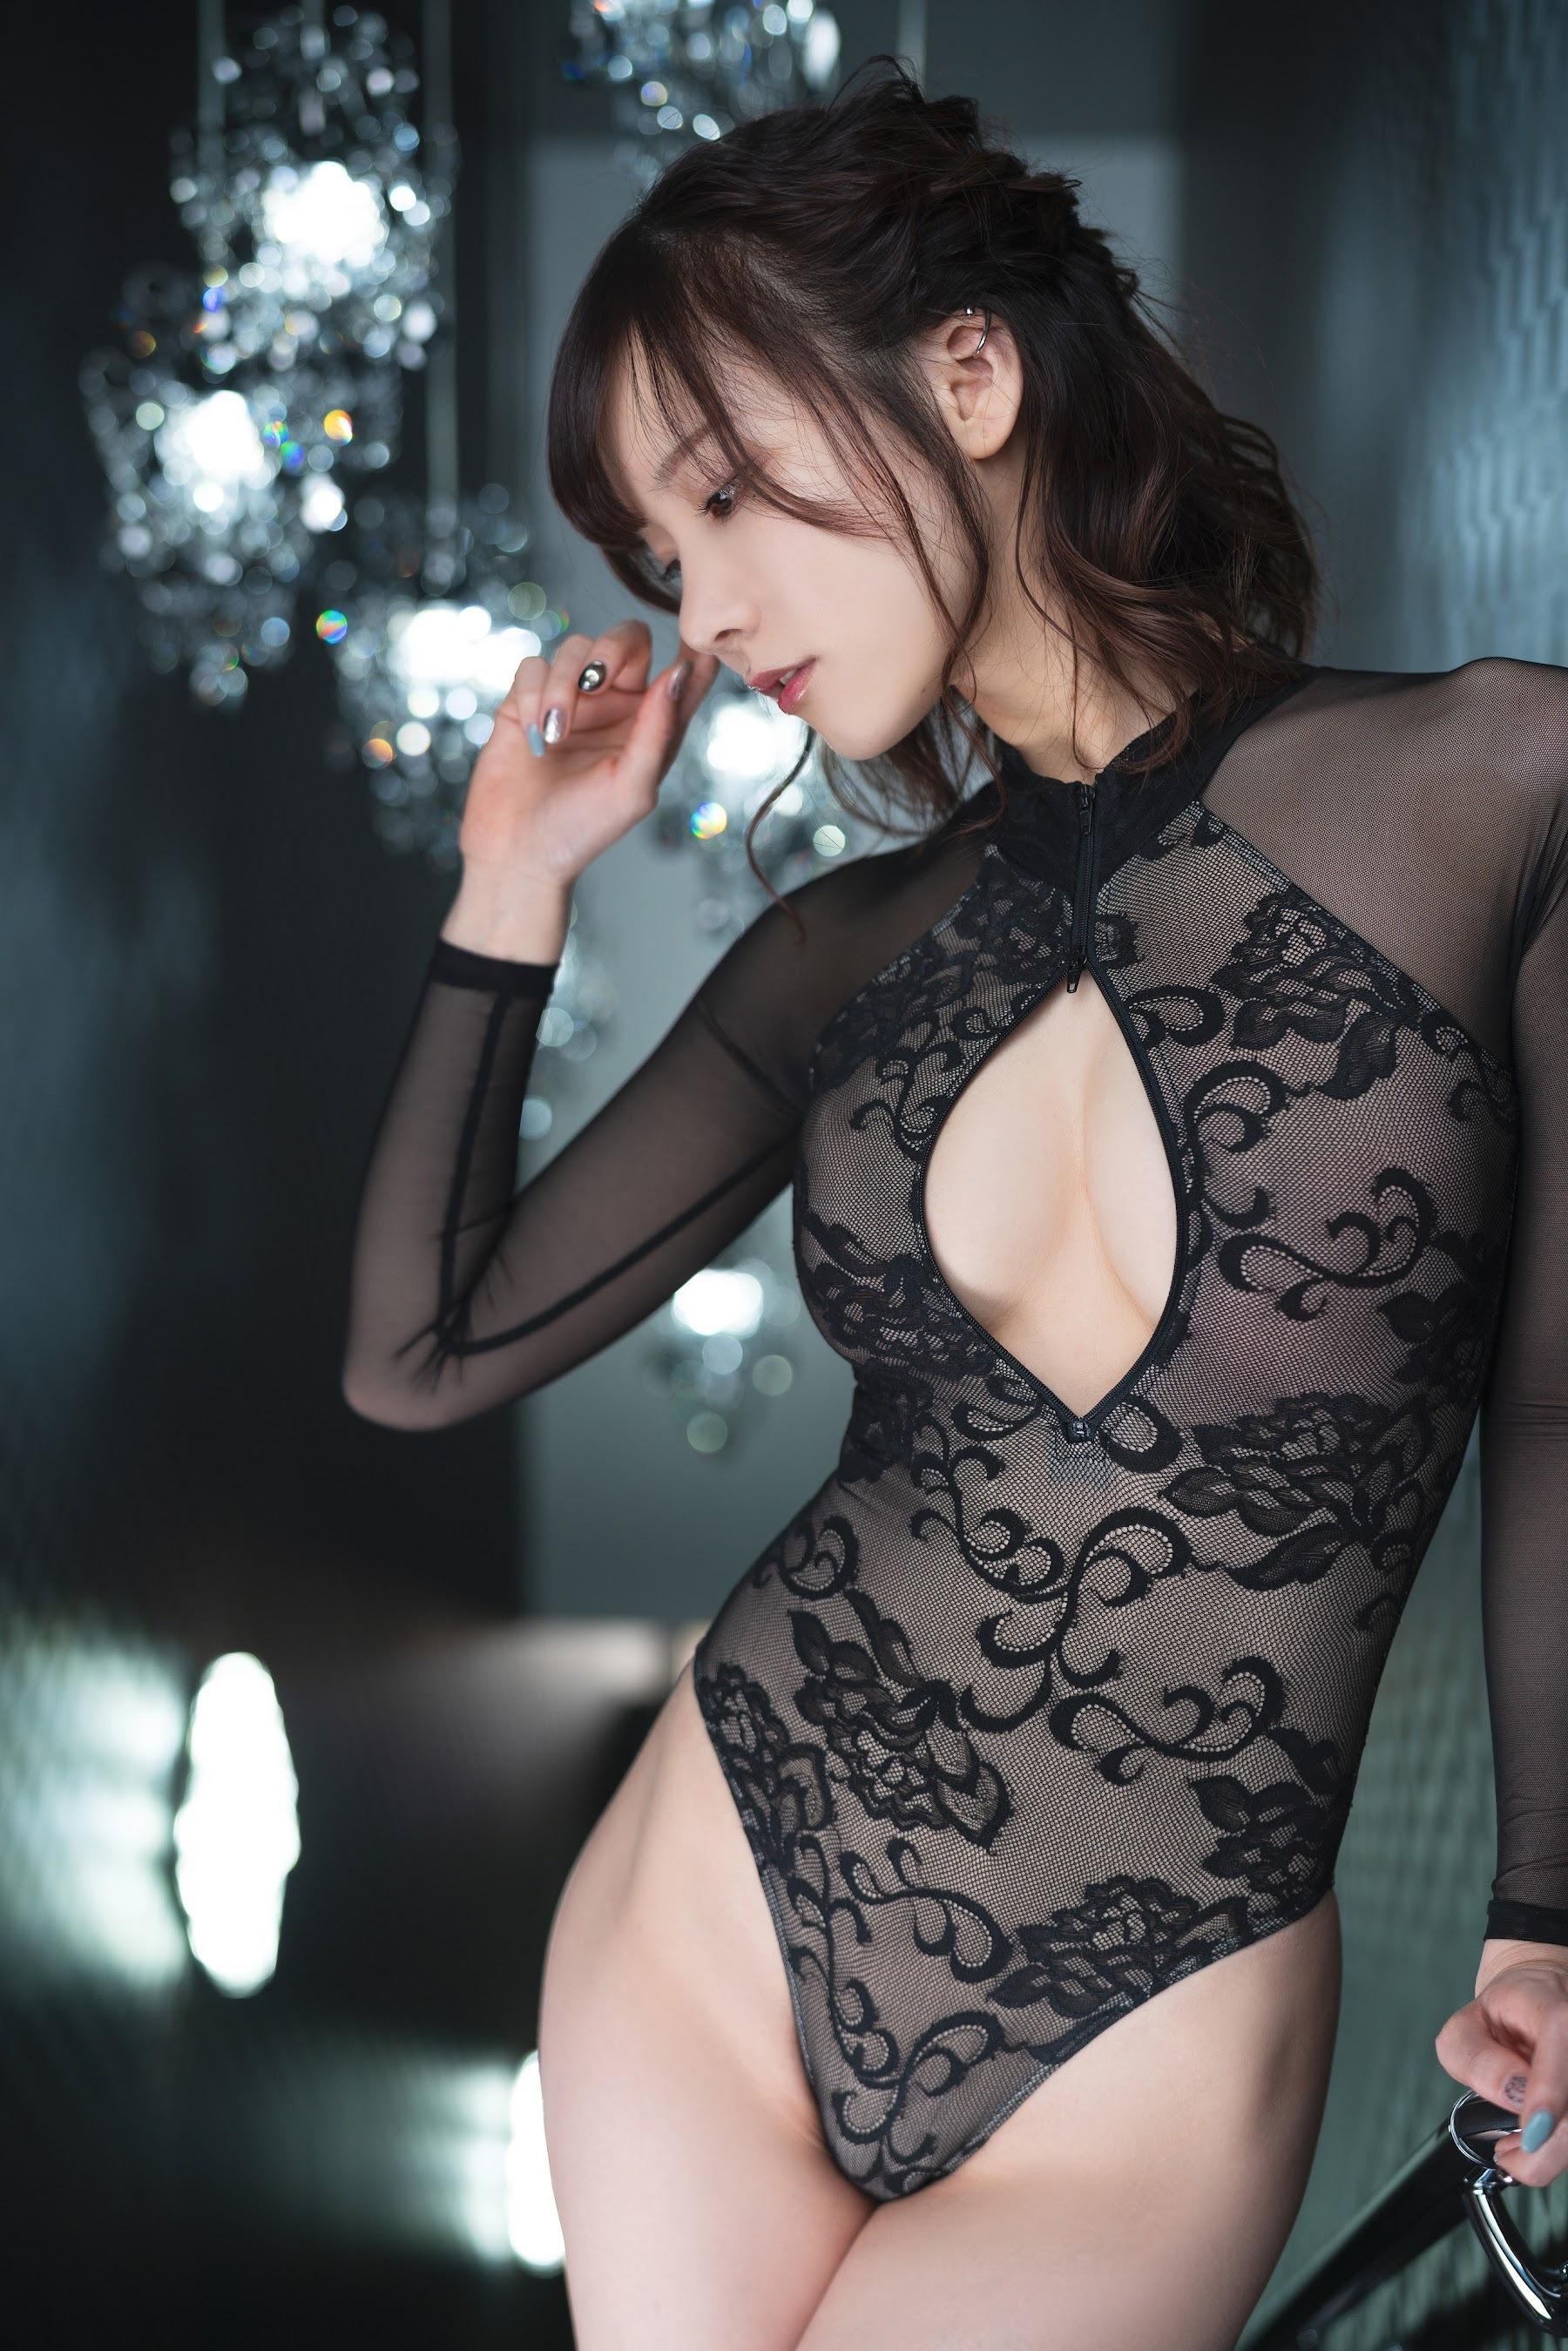 黑白双衣 开胸秀沟-けんけん写真集《Black&White front zipper》  高清套图 第37张